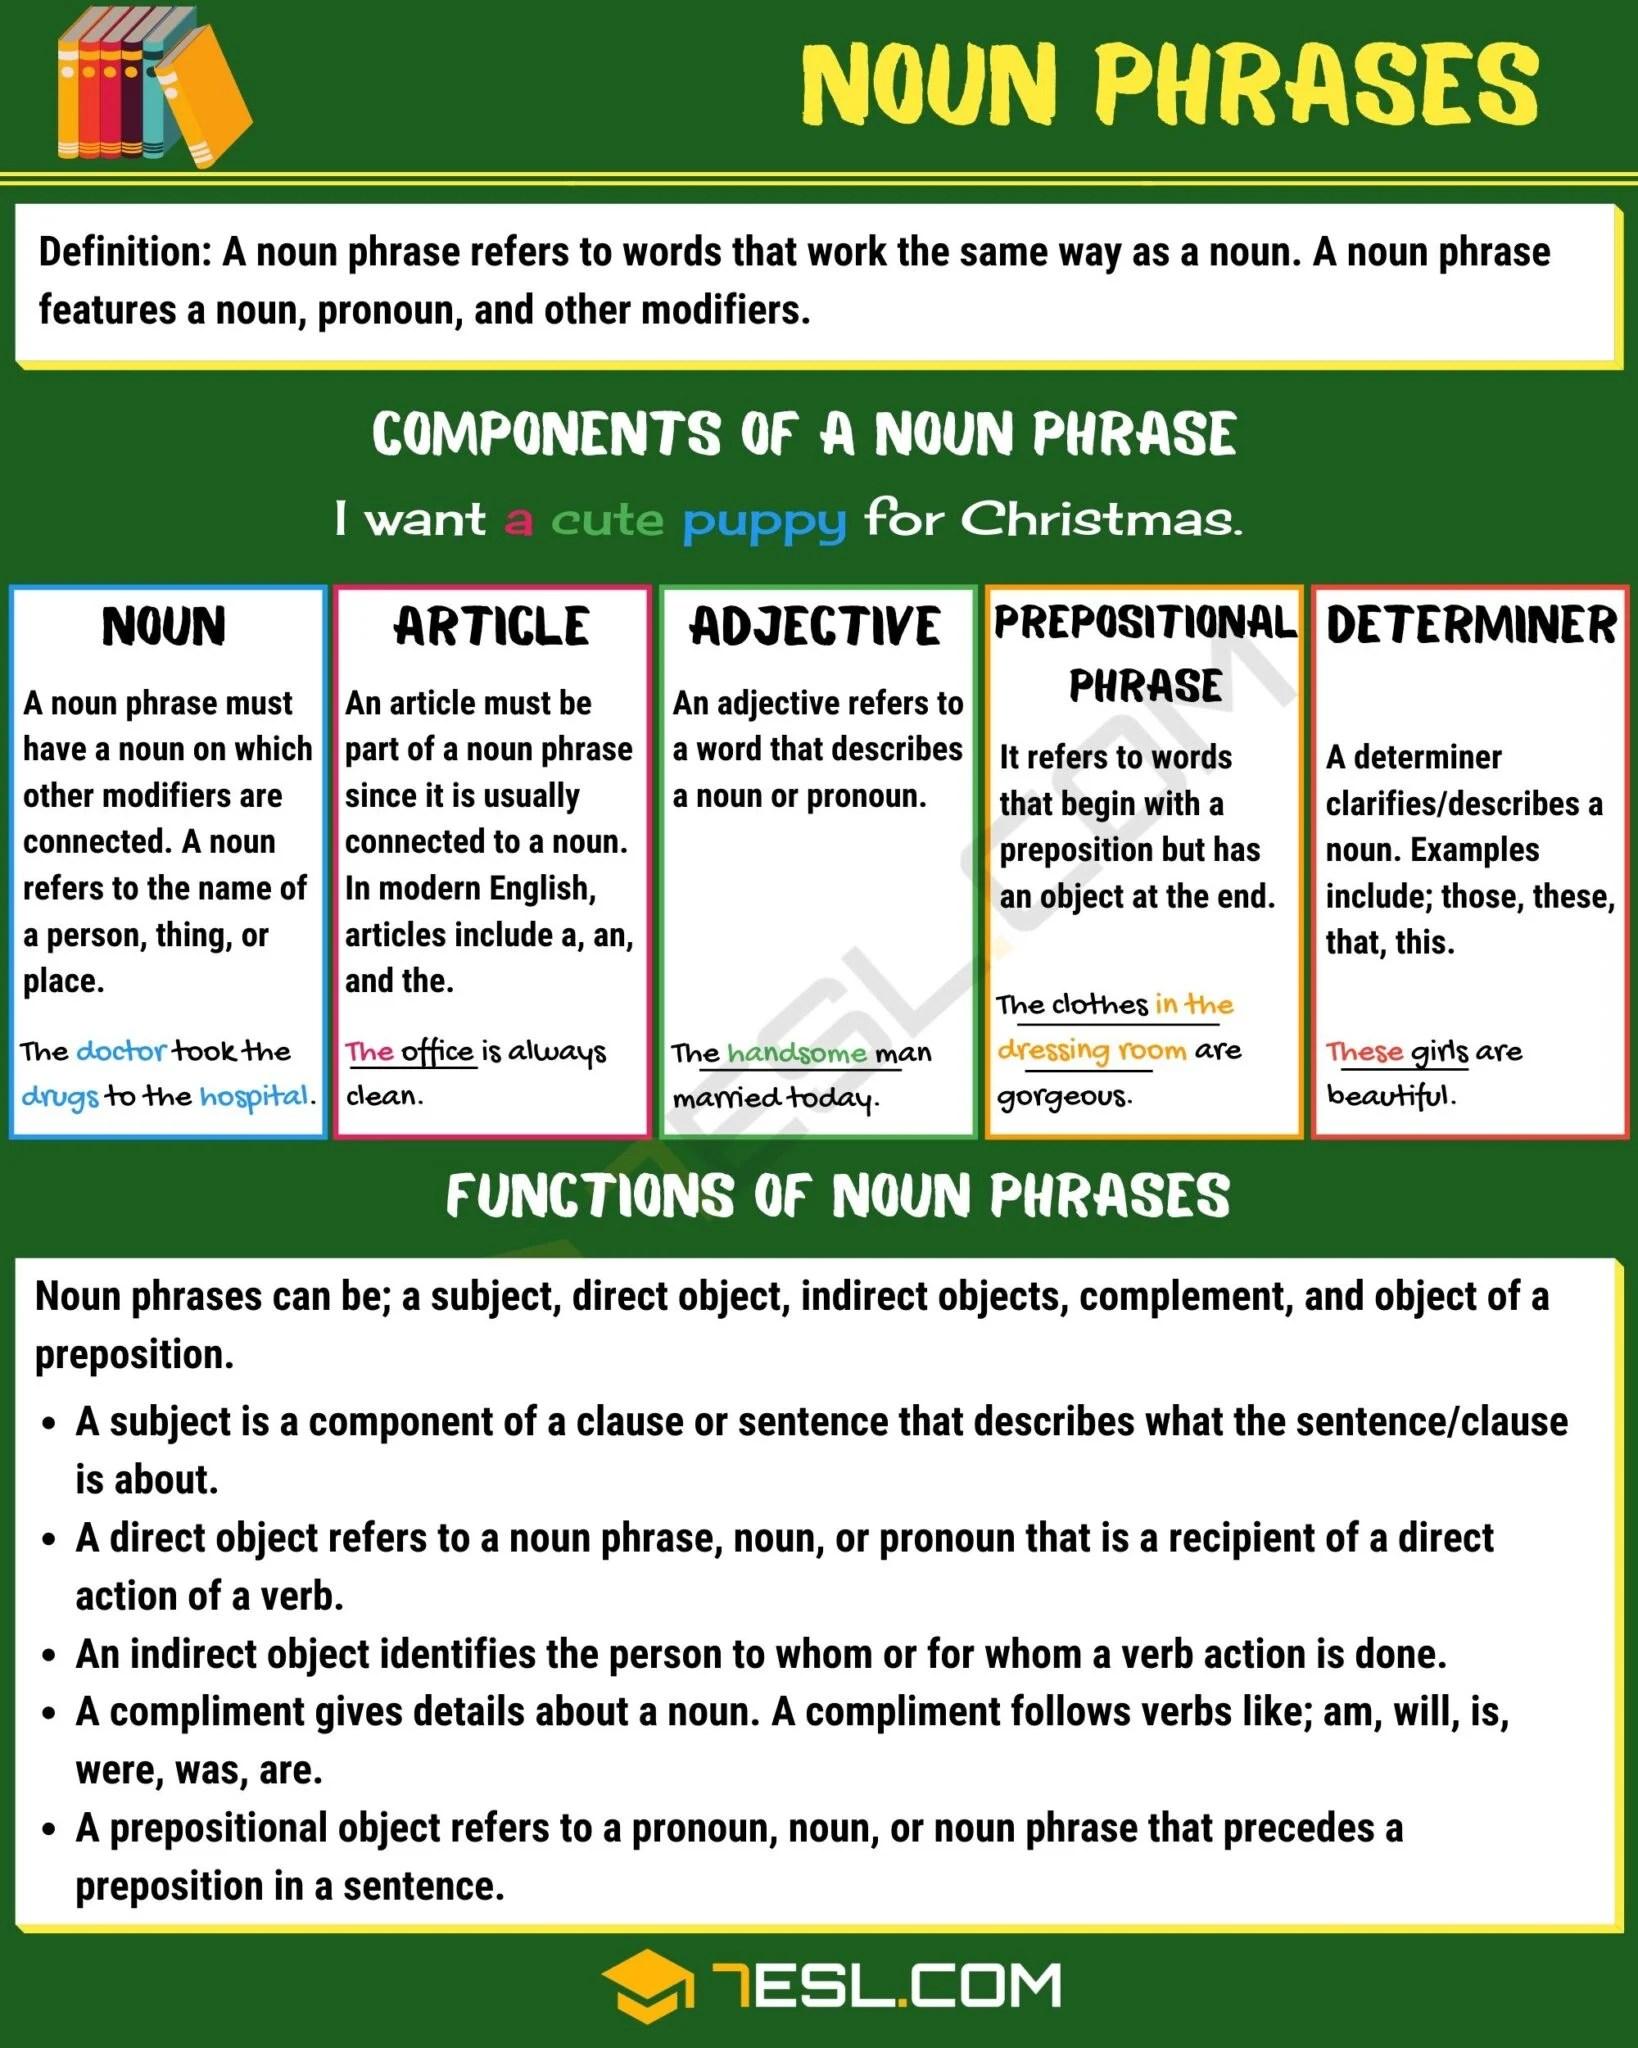 Contoh Noun Phrase : contoh, phrase, Phrase:, Definition,, Components, Examples, Phrases